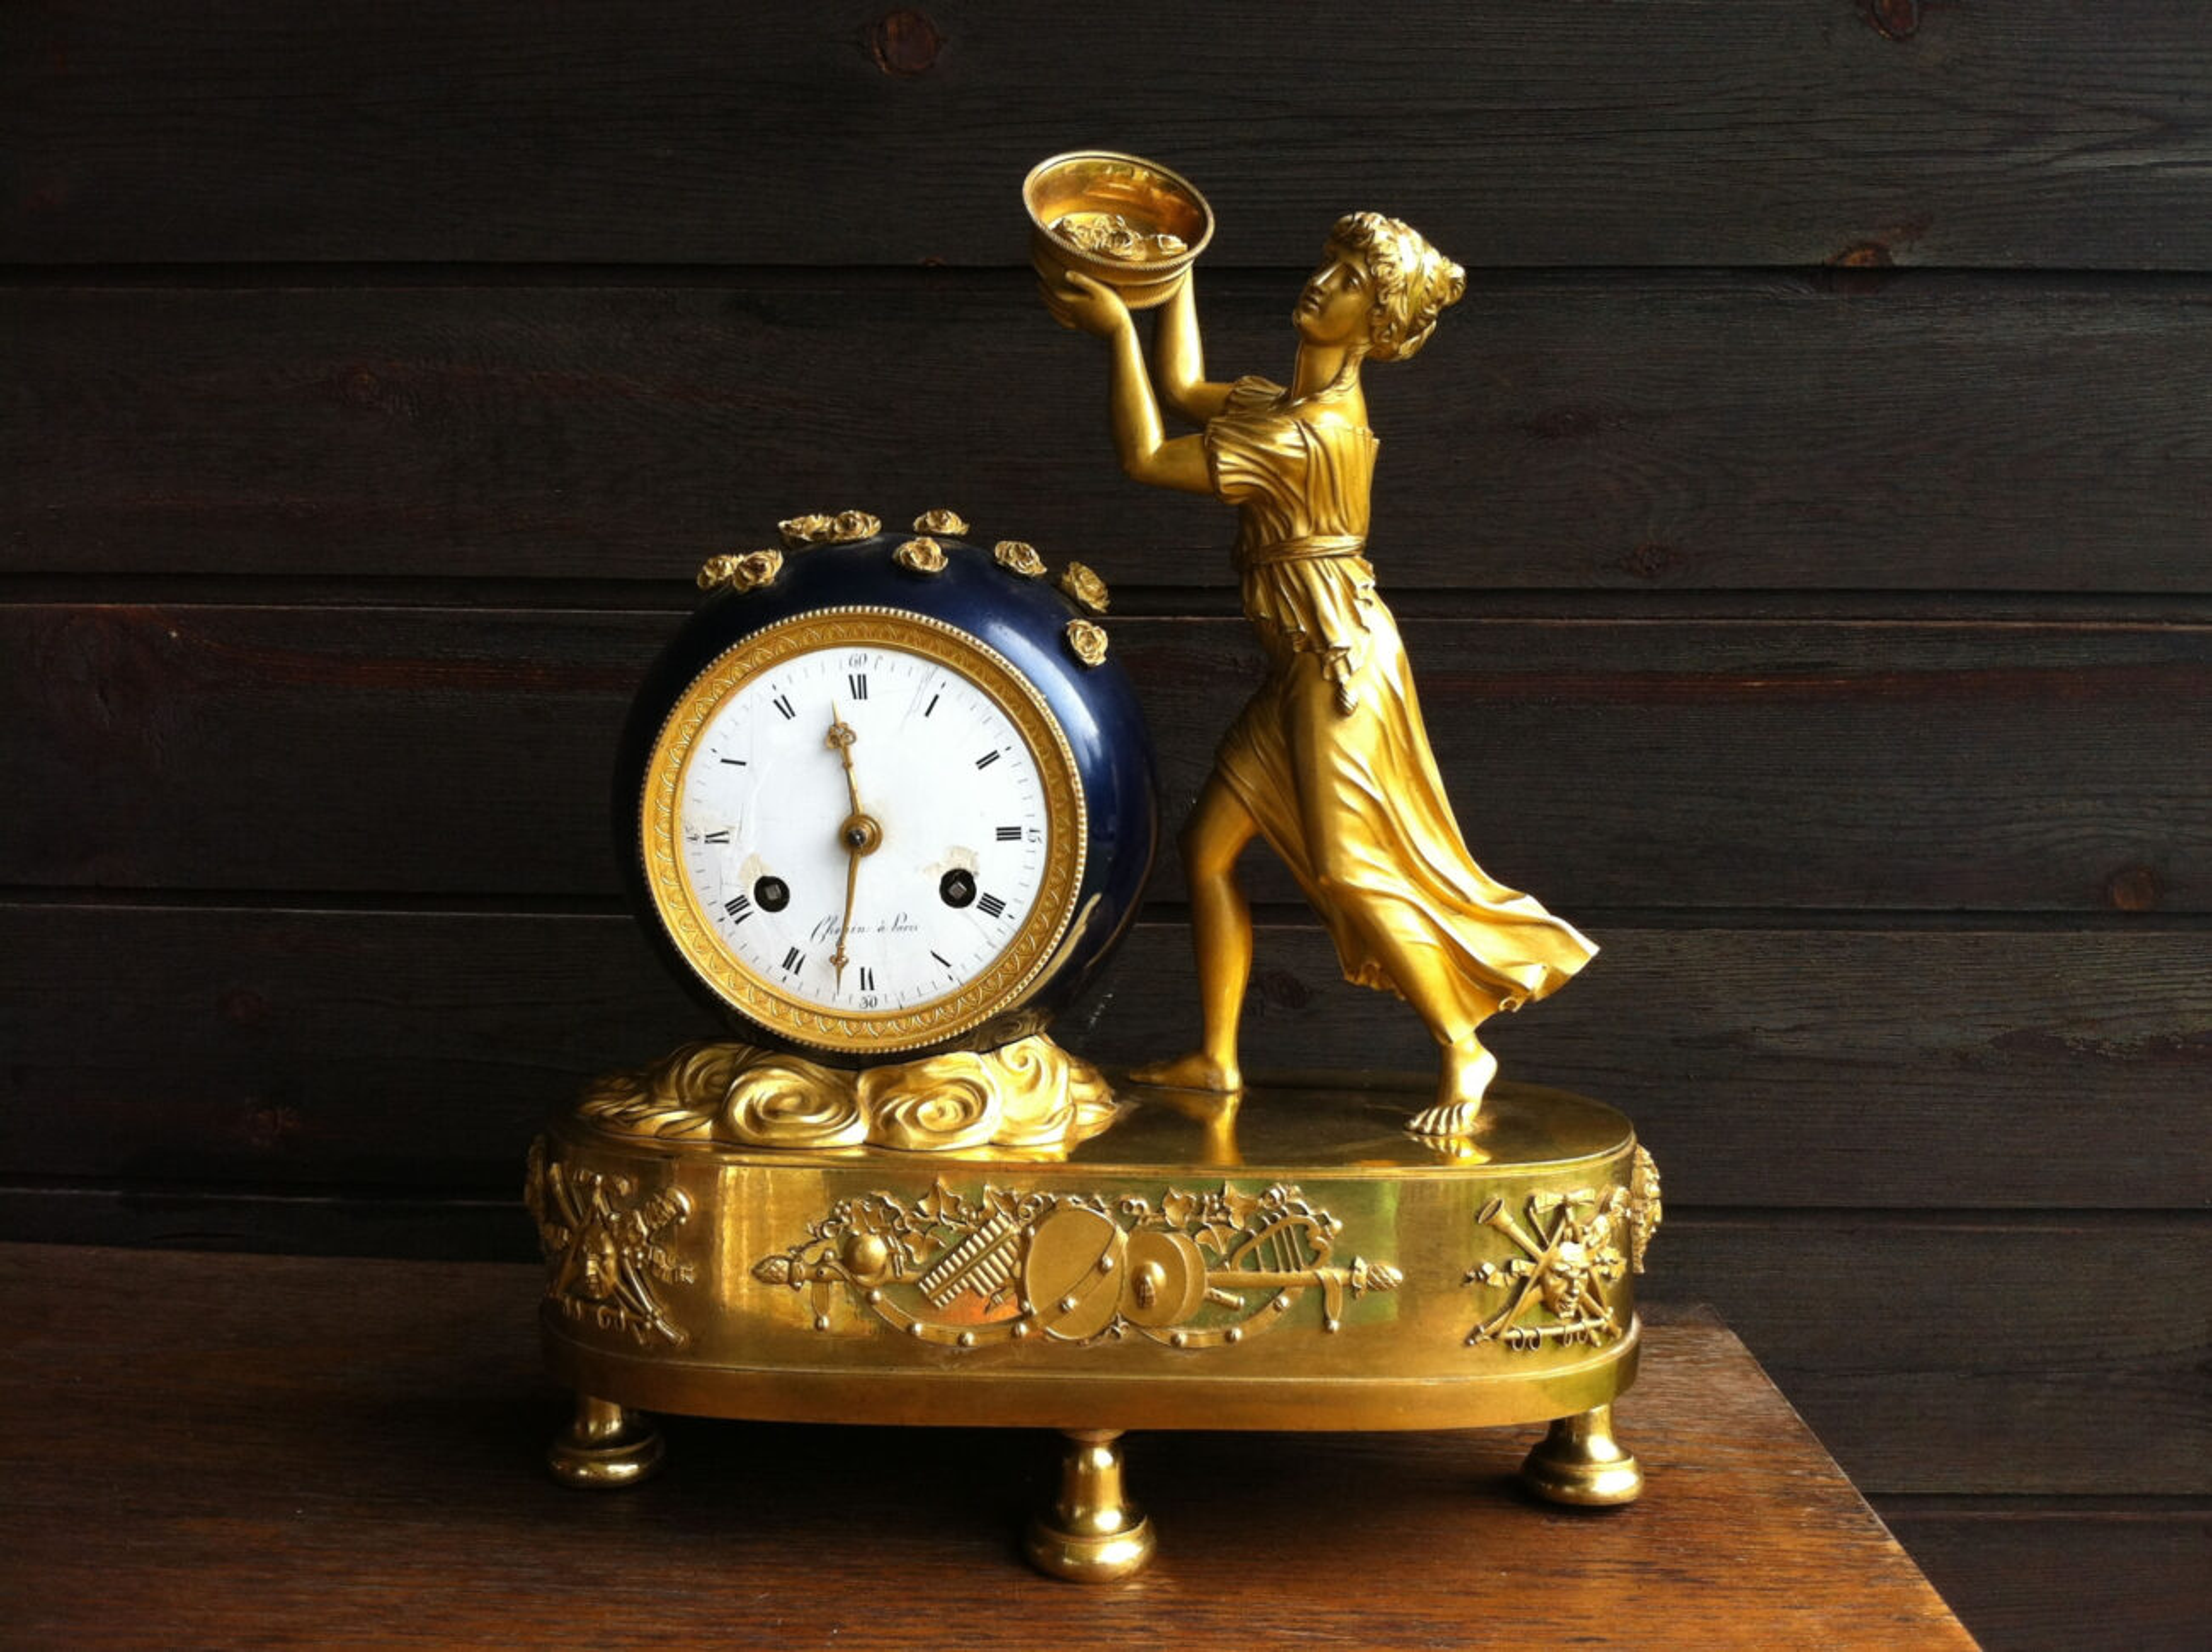 Antiquitäten Ankauf in Niederösterreich